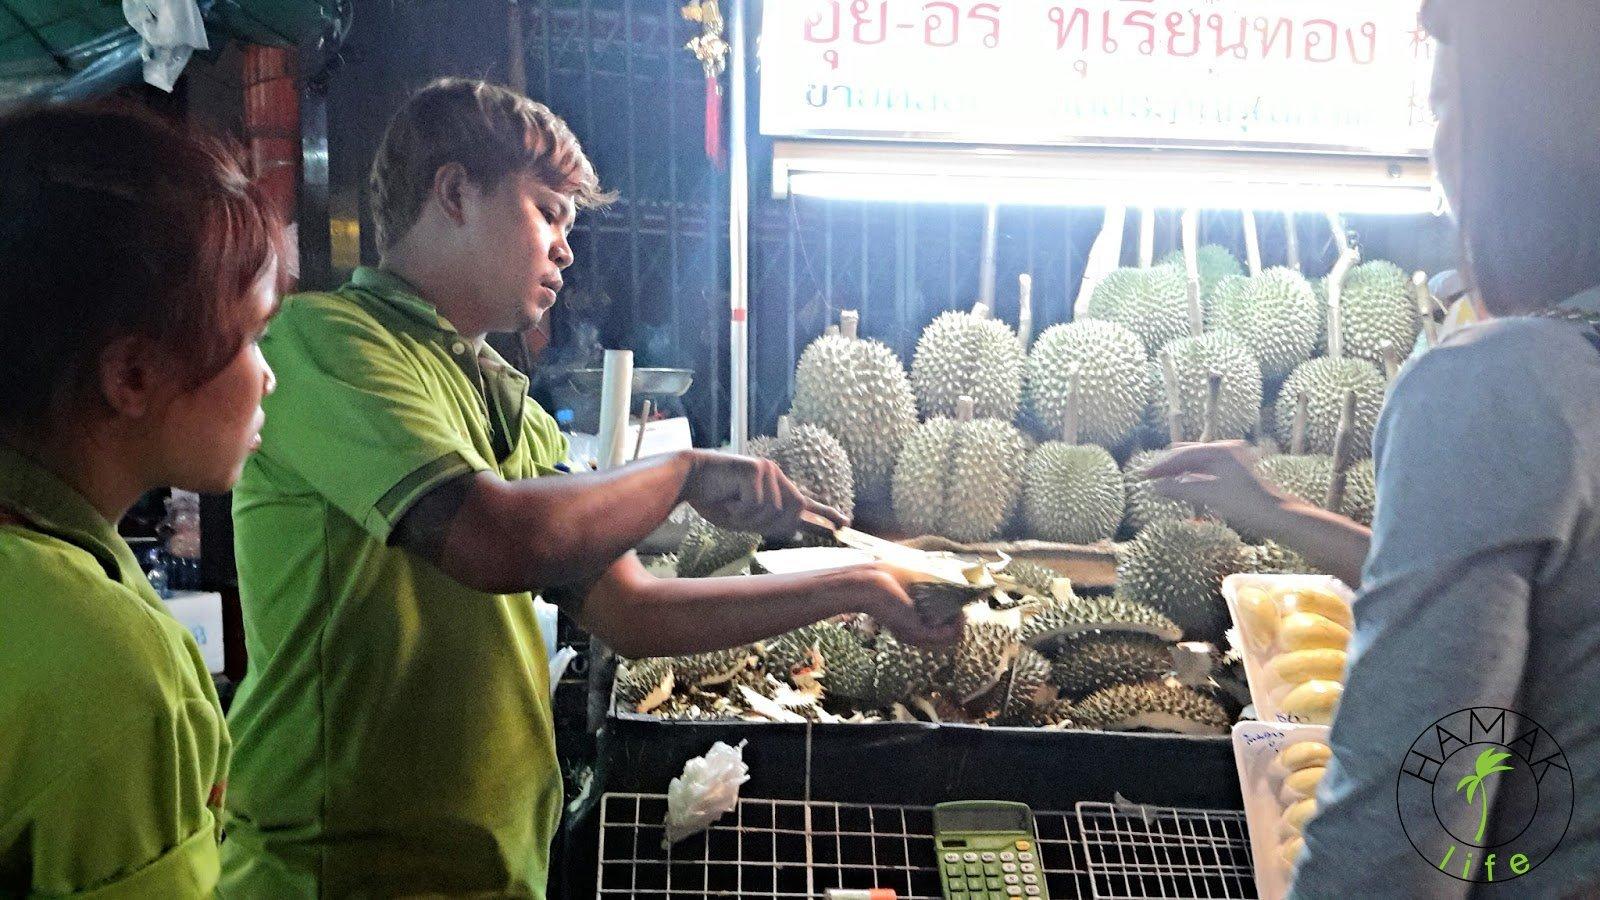 Durian krojony przez sprzedawcę na miejscu w Chinatown. Można spróbować, zanim zdecyduje się na zakup.